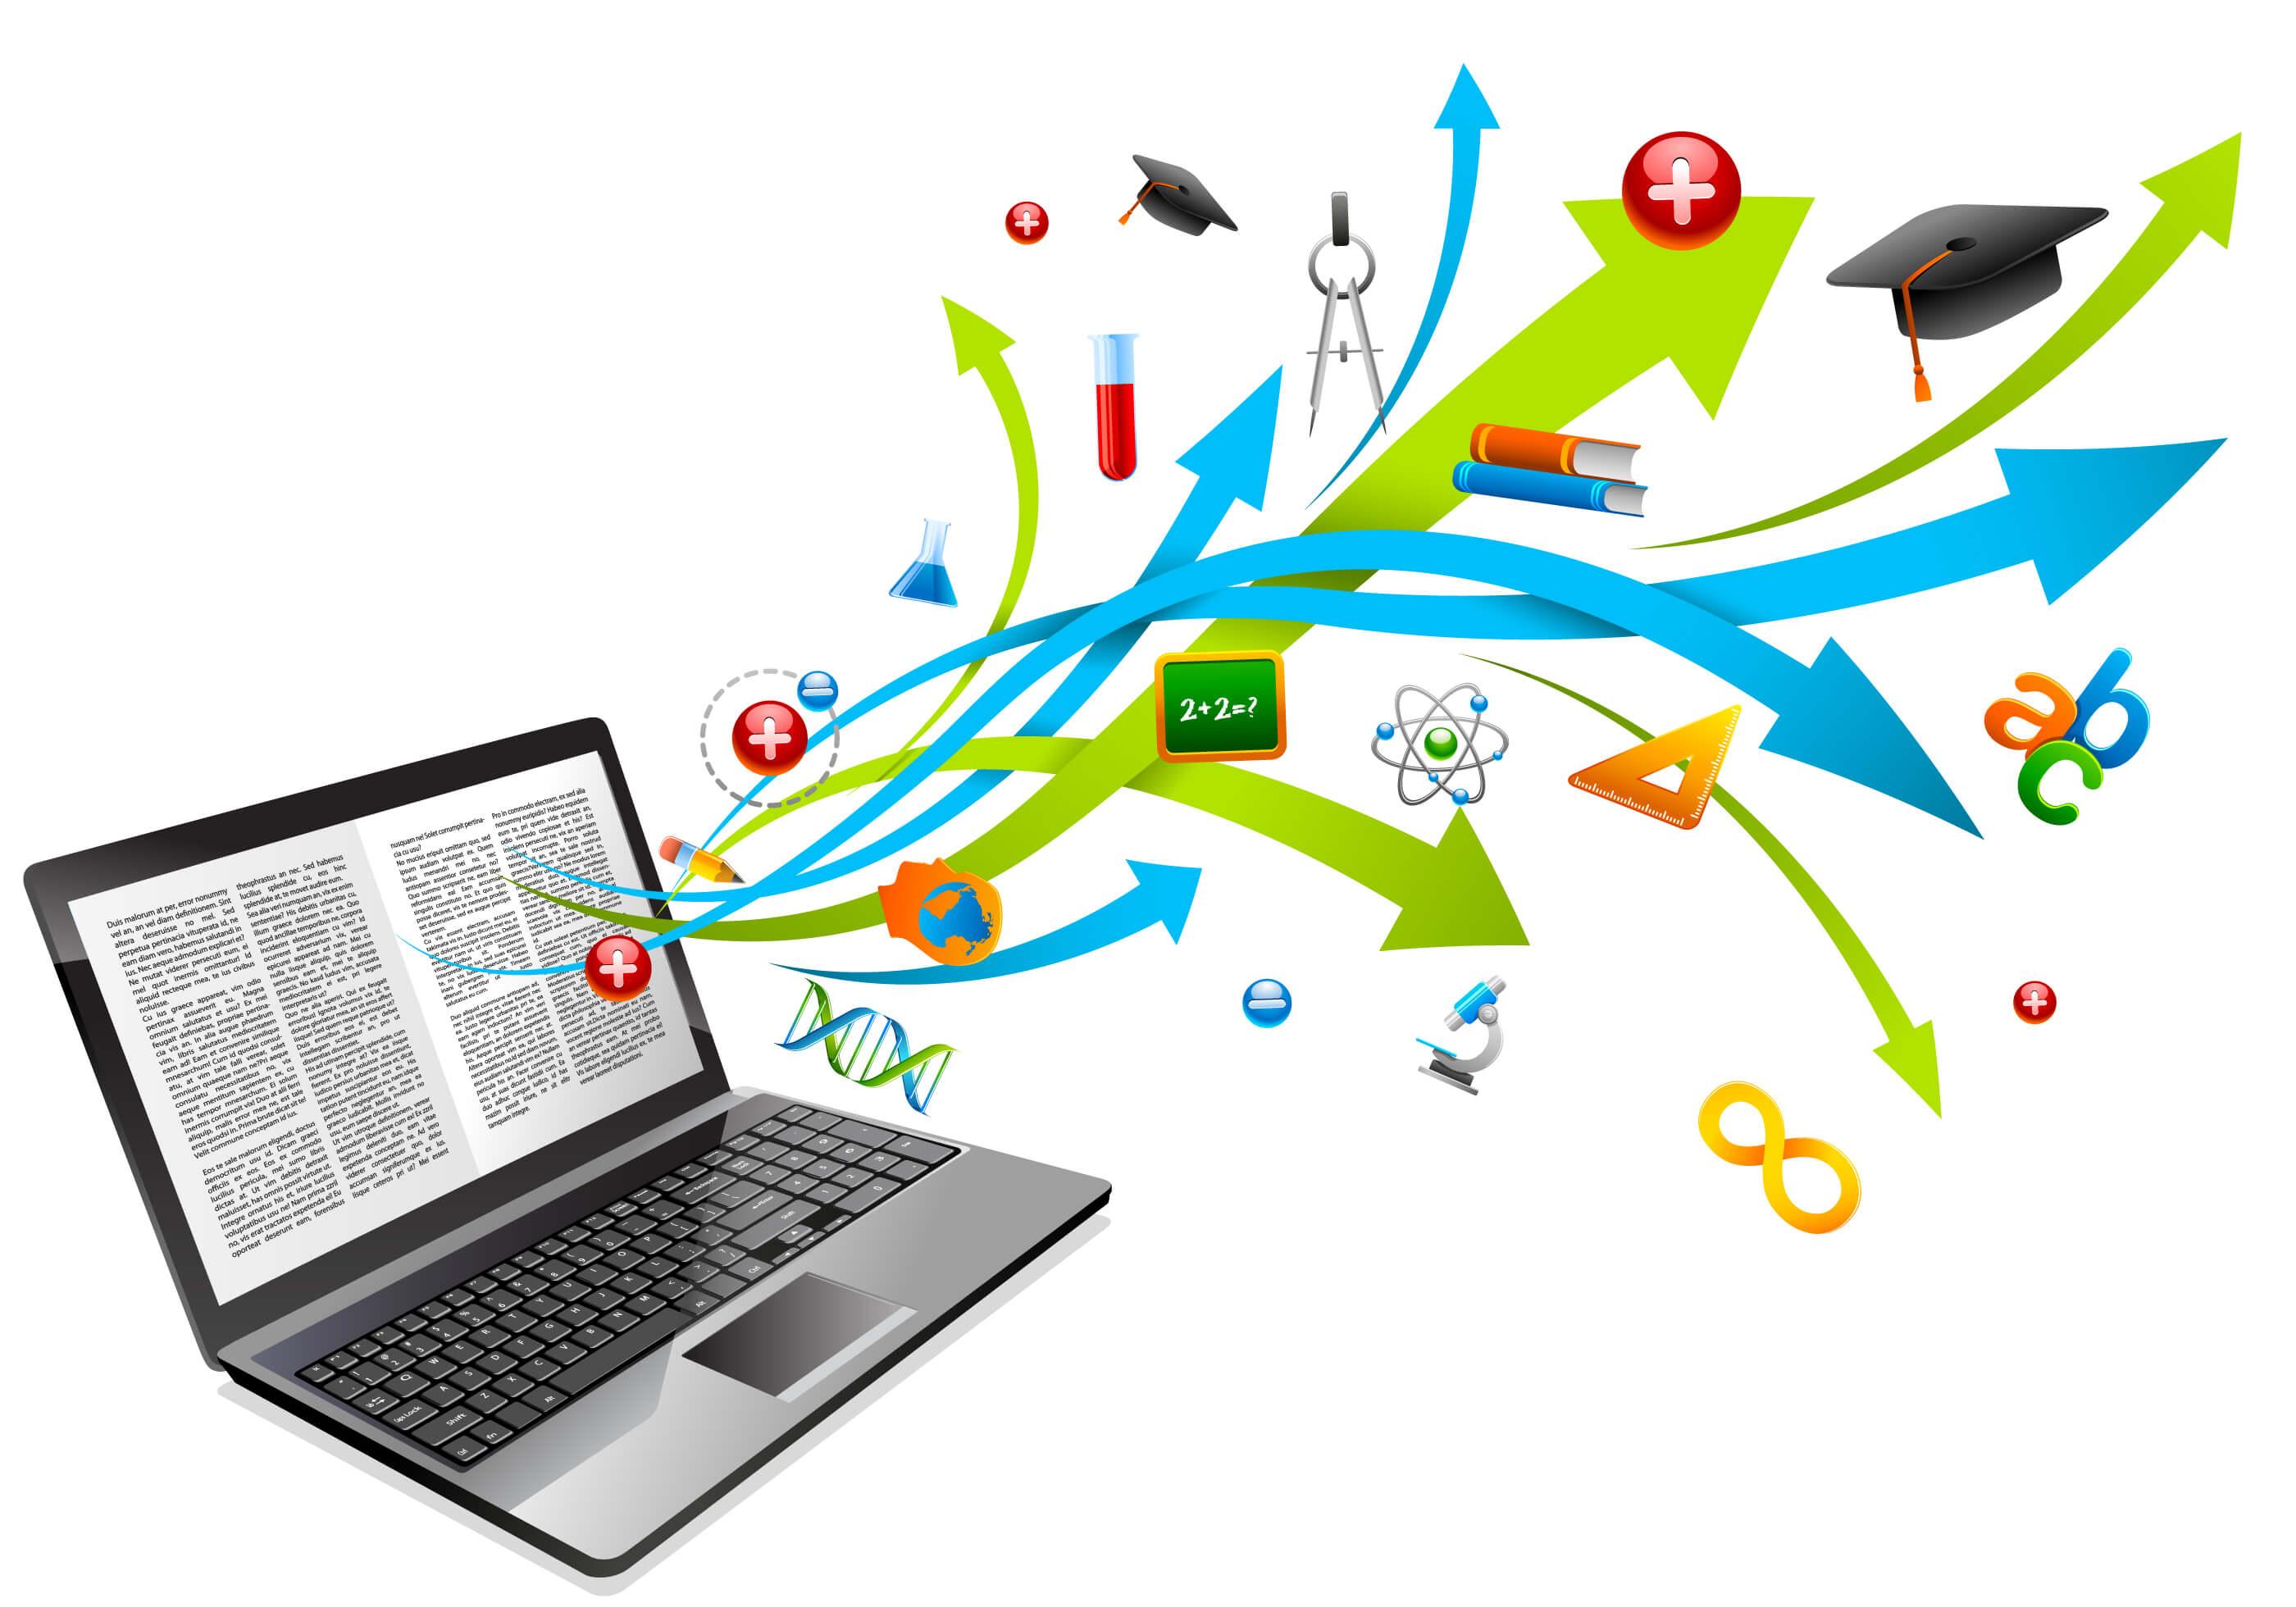 เรียนภาษาอังกฤษออนไลน์–เทรนด์ใหม่ที่น่าจับตามอง